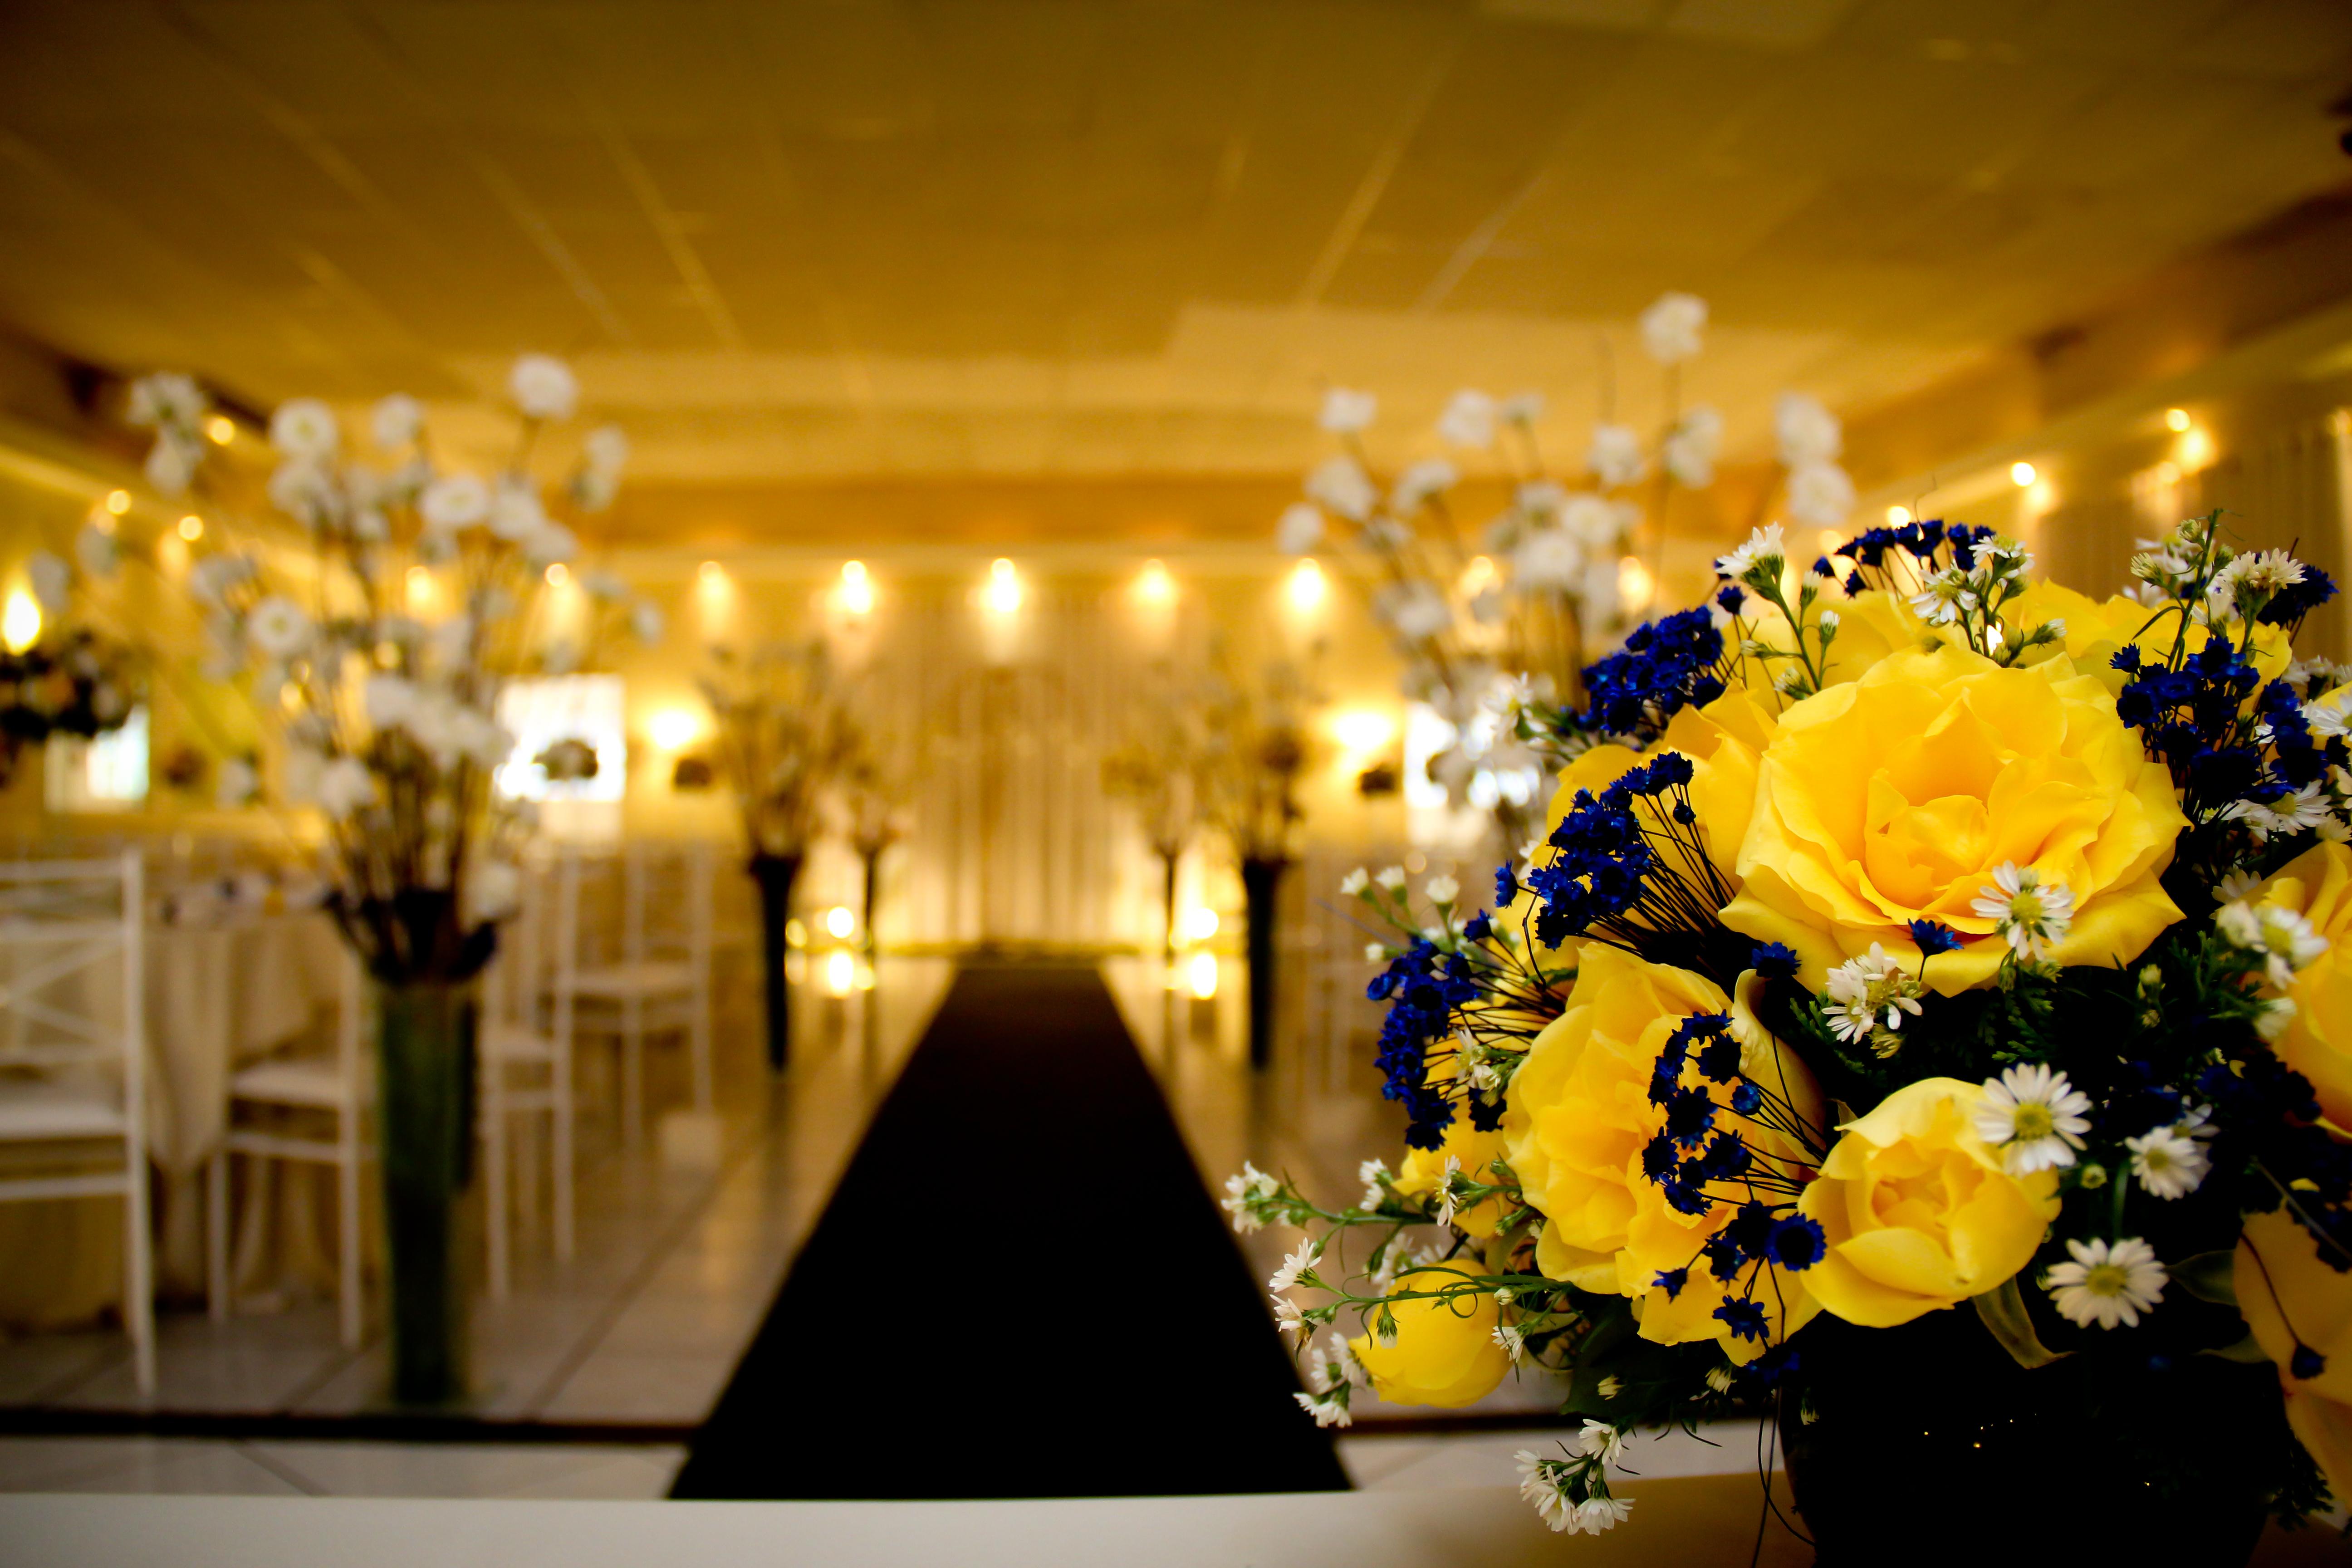 fotos de decoracao de casamento azul e amarelo : fotos de decoracao de casamento azul e amarelo:Meu Casamento: A decoração ..